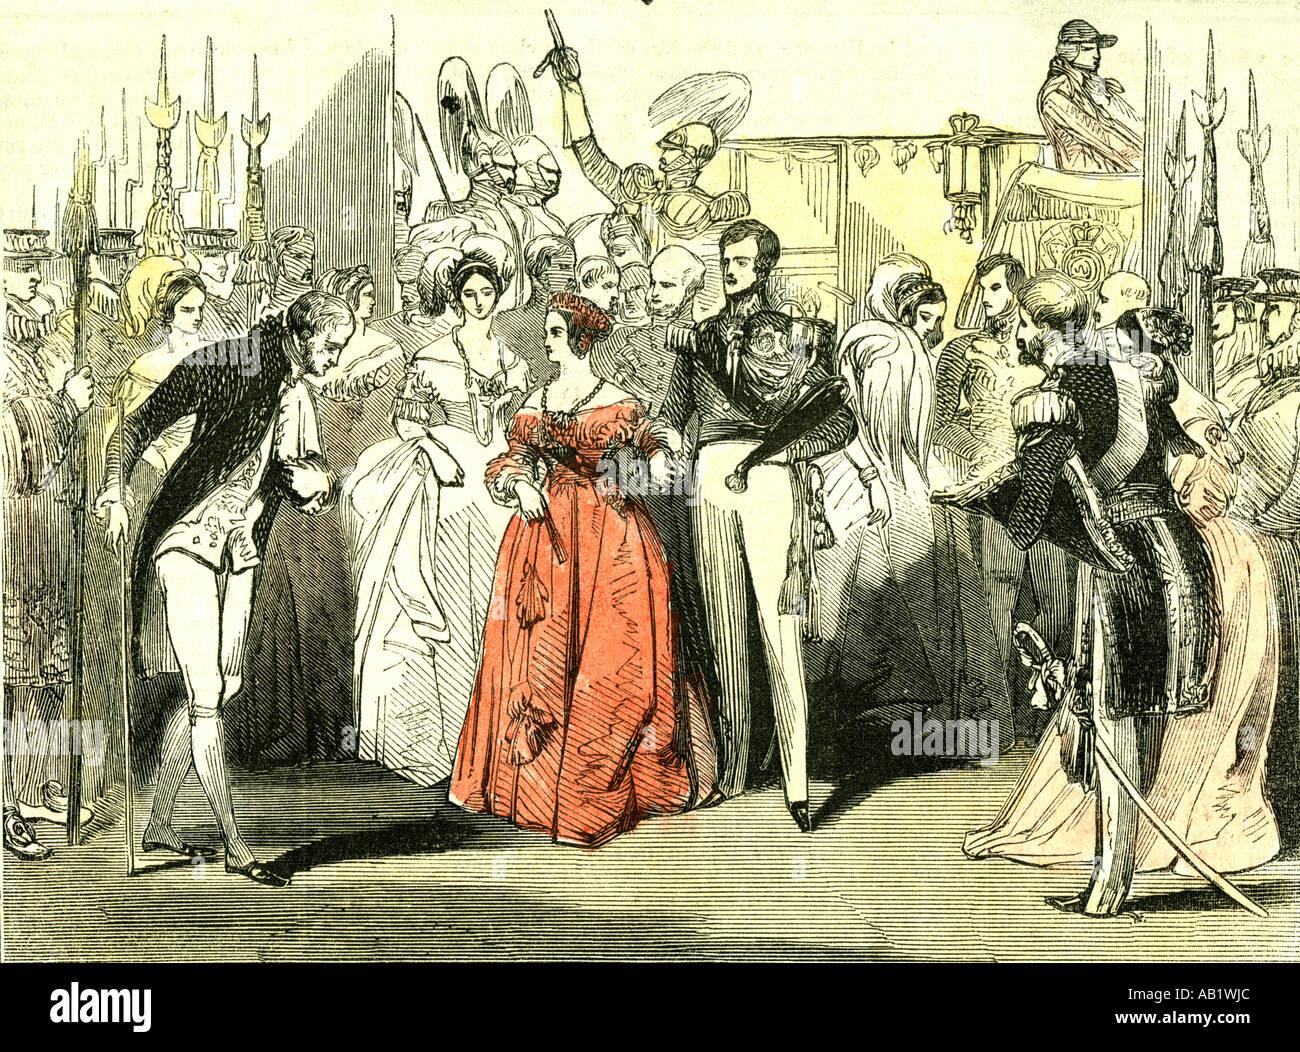 Queens, visita a la Casa de la Ópera de 1846 Londres Imagen De Stock